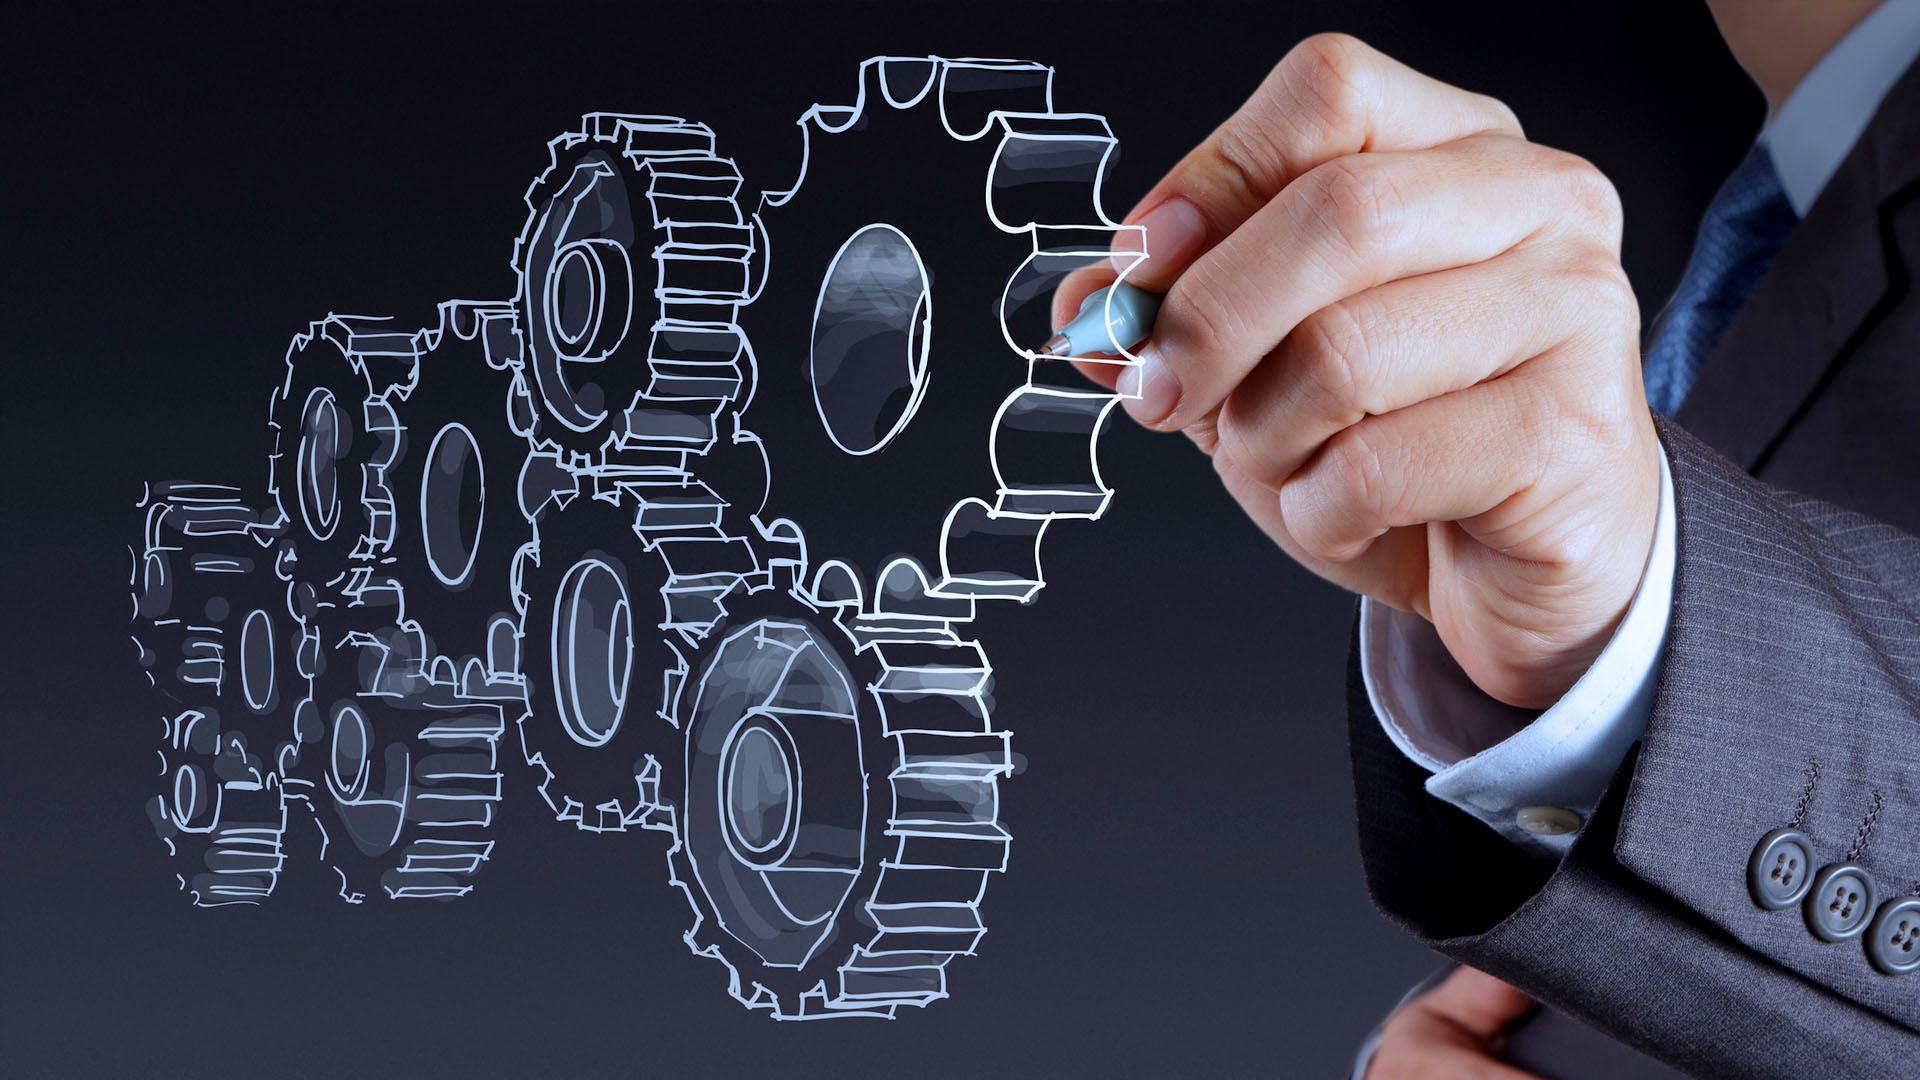 نقش کنترل پروژه در یک سازمان